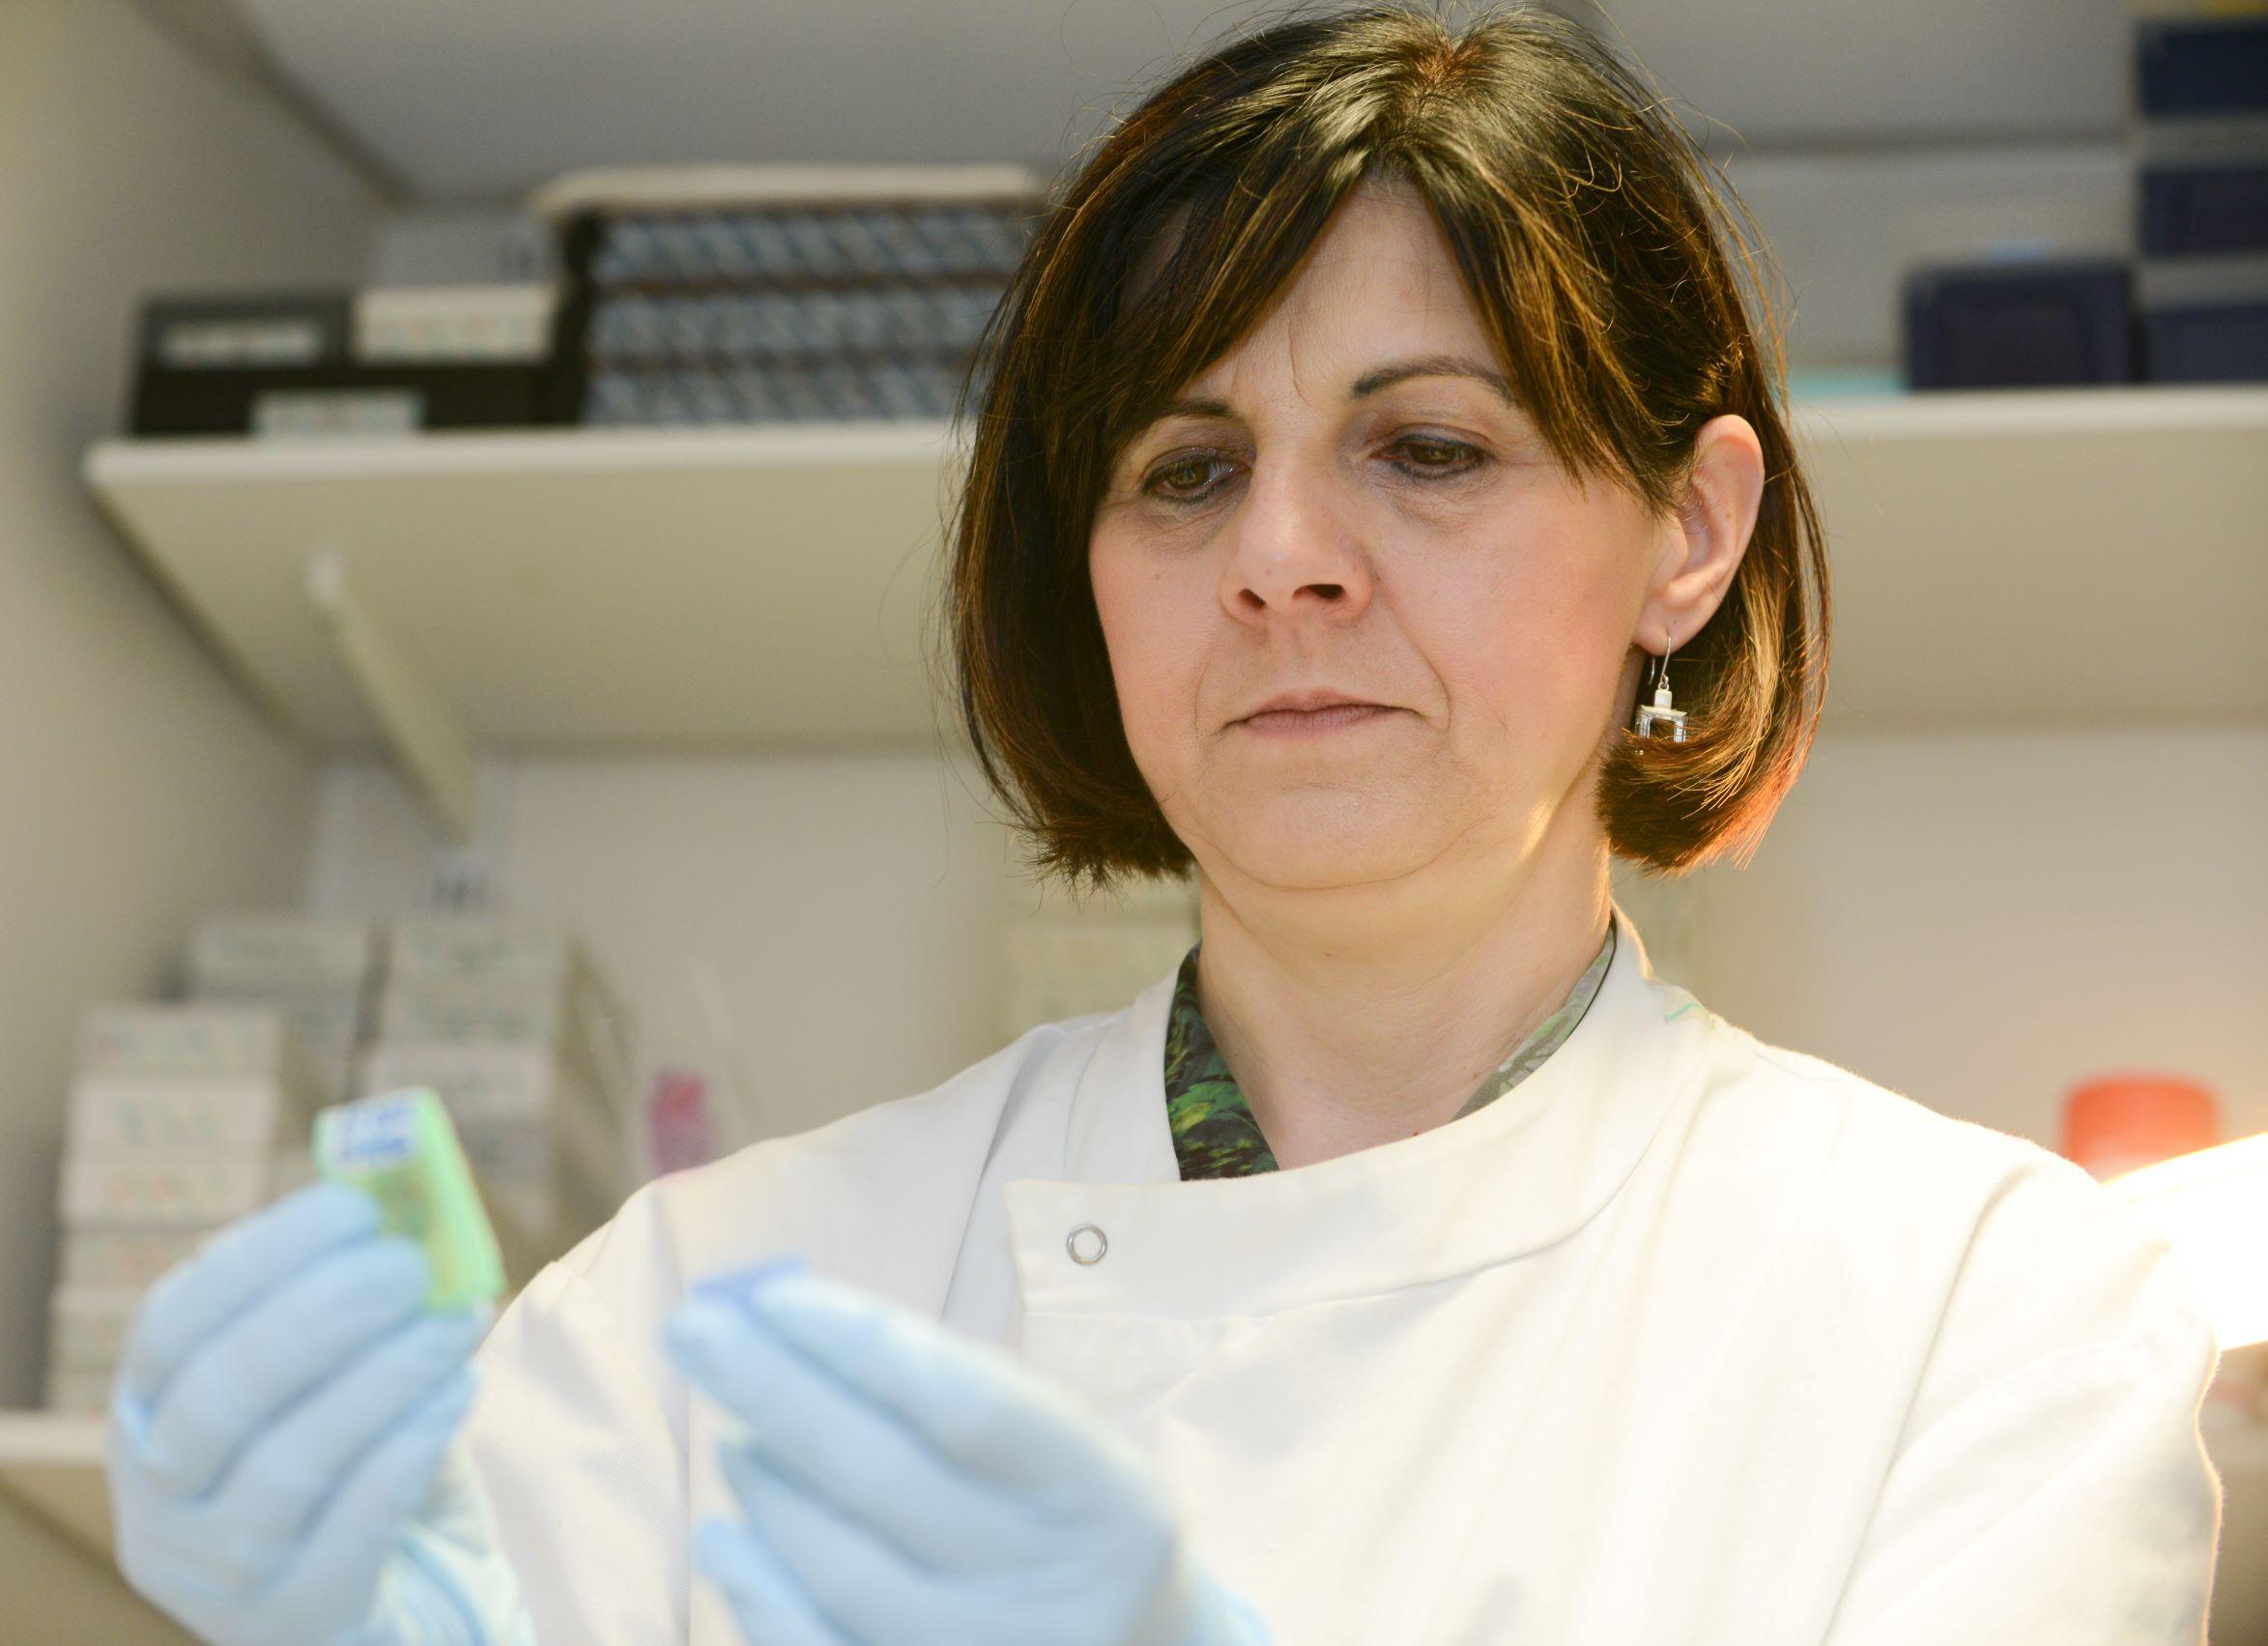 Professor Tatjana Crnogorac-Jurcevic